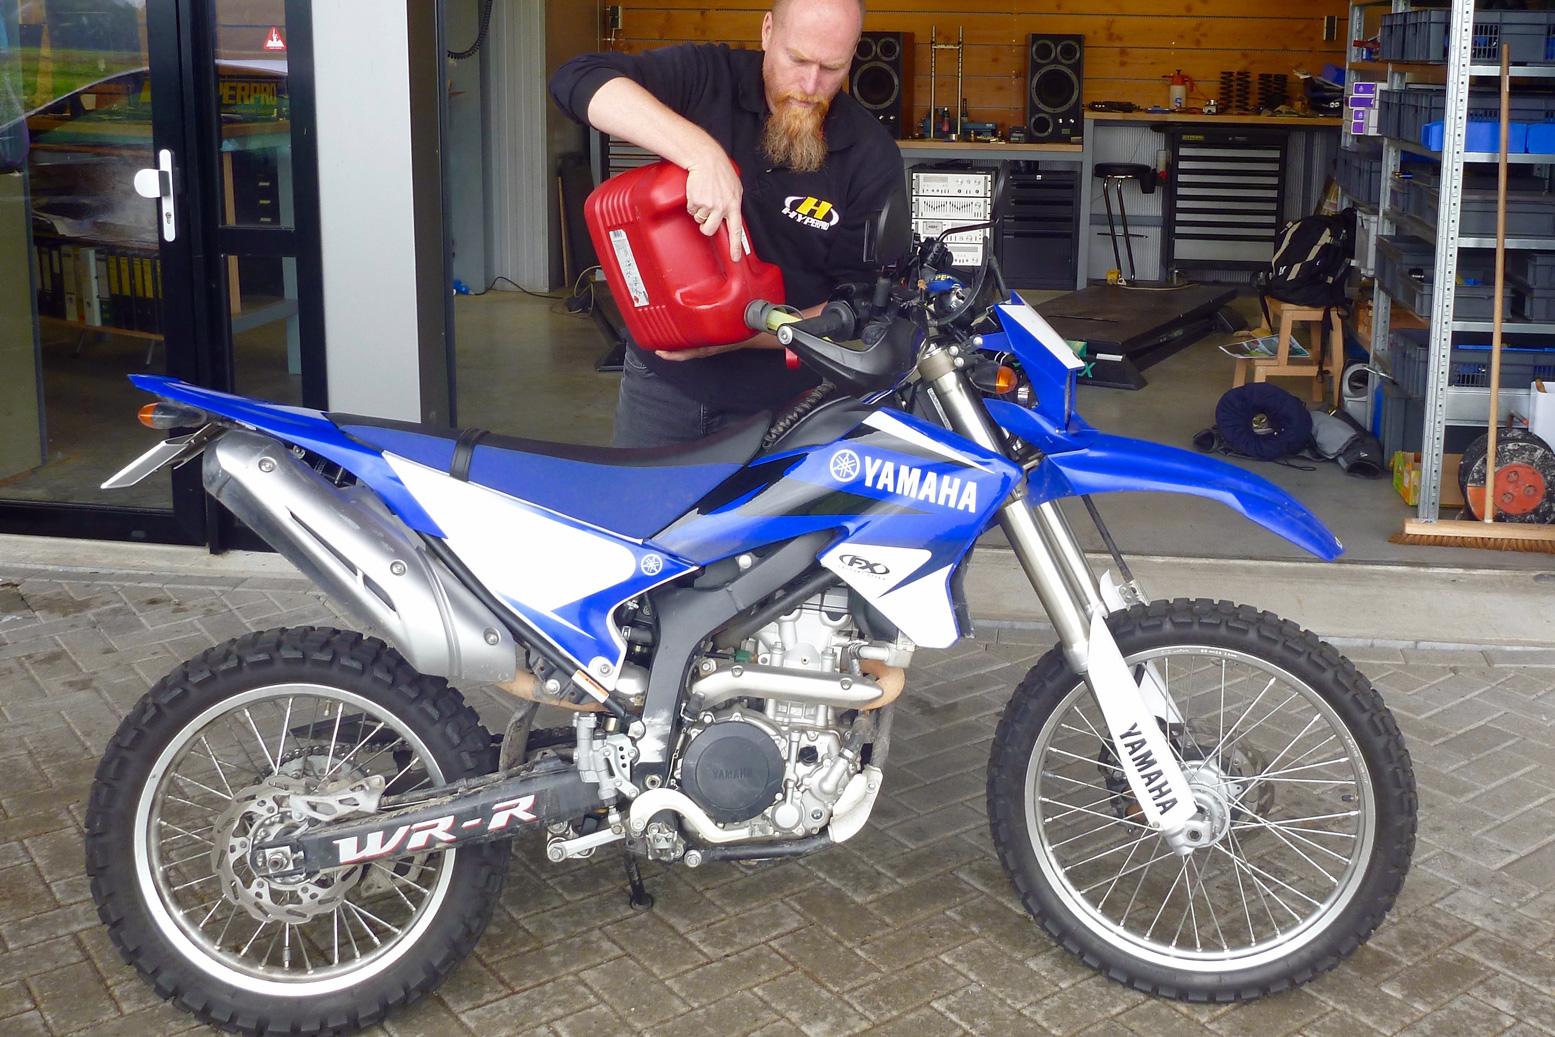 Yamaha WR250R project bike  